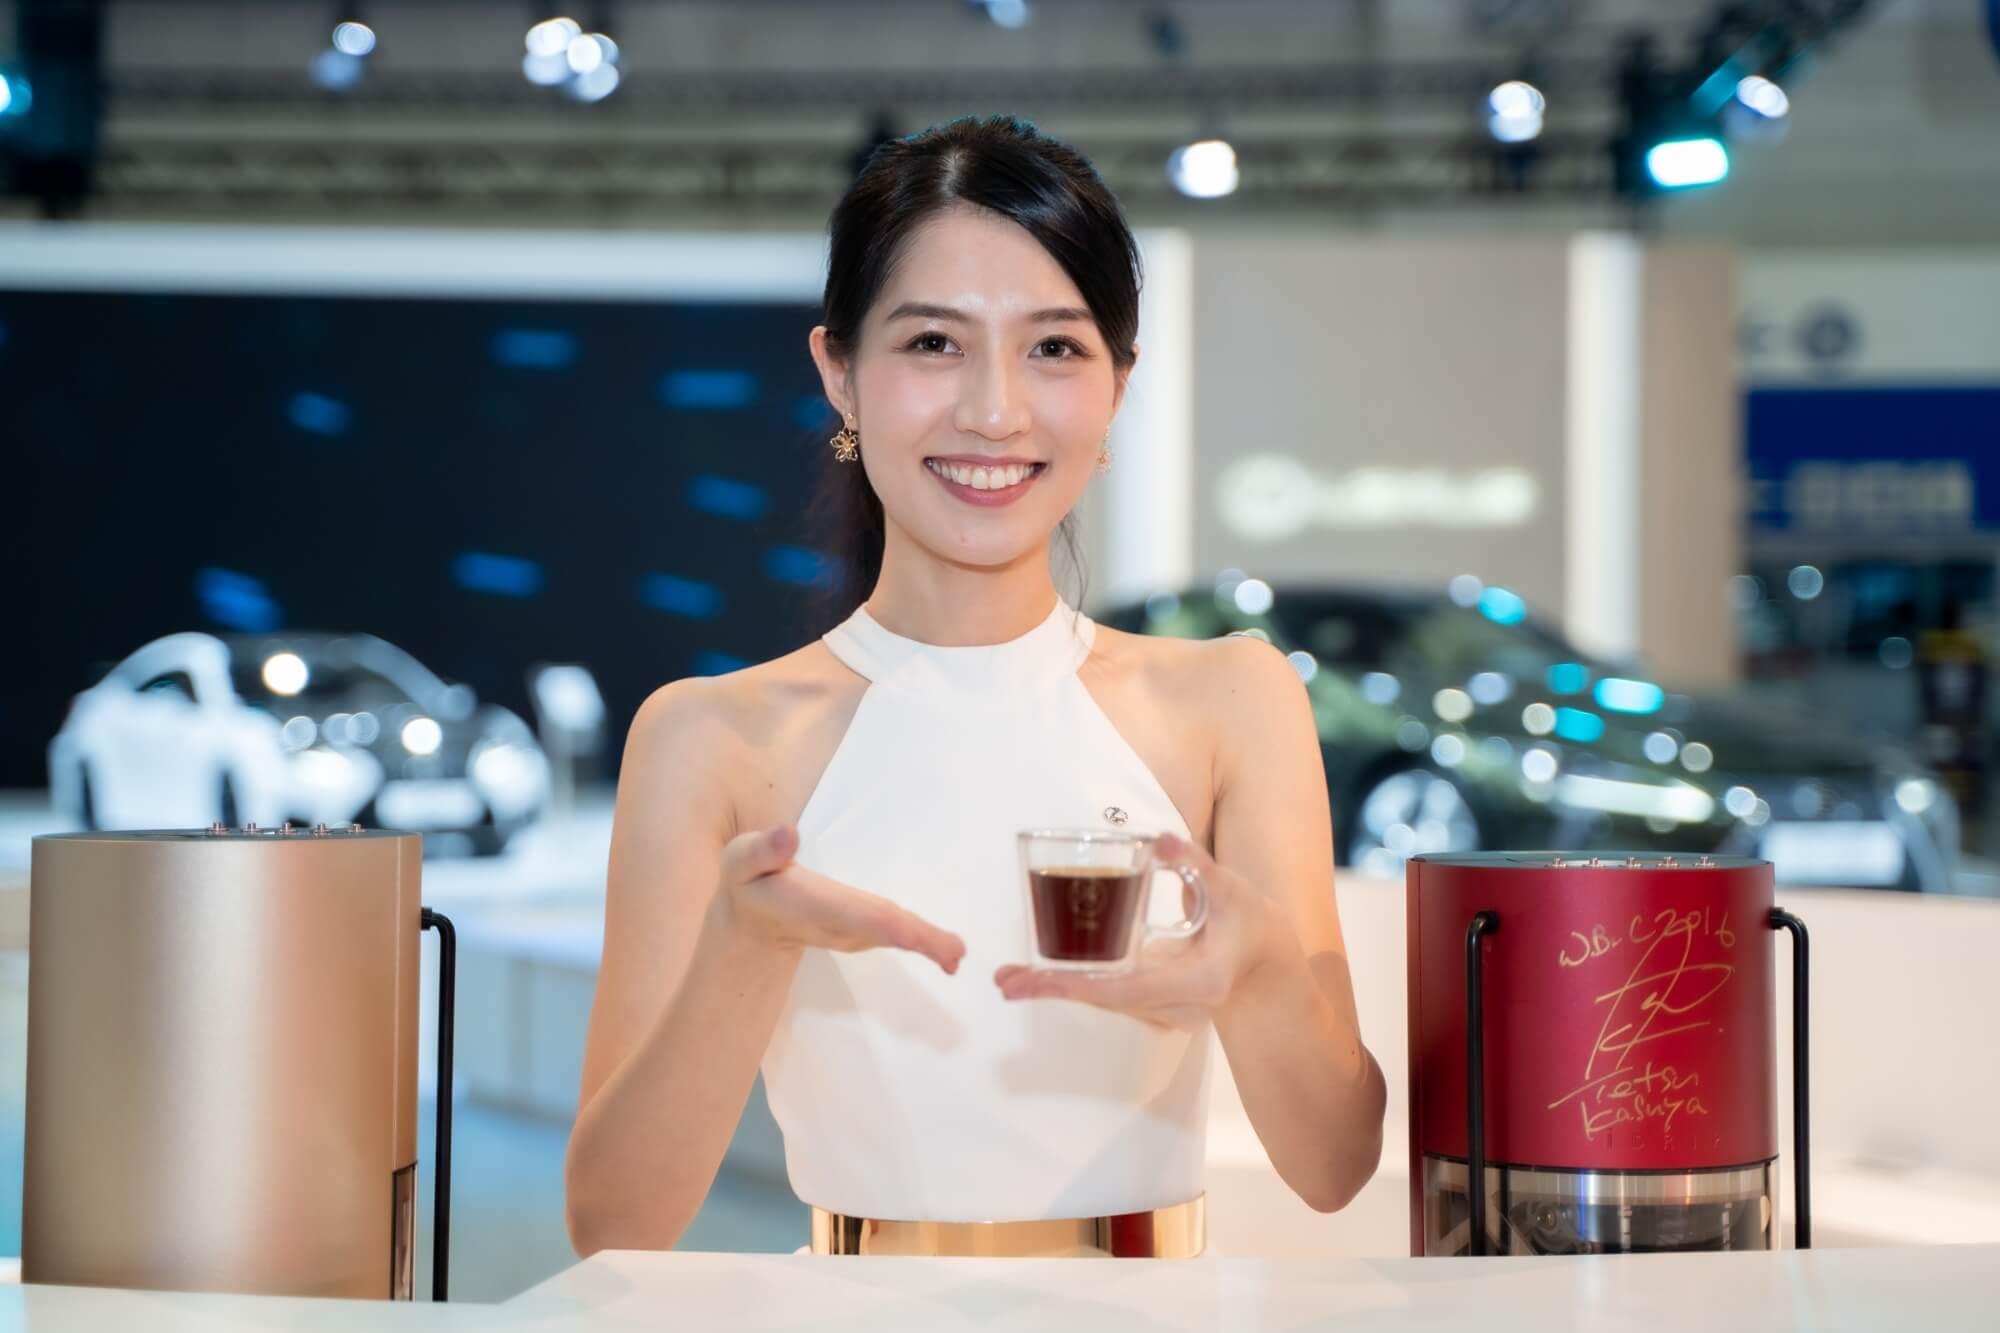 2020世界新車大展 LEXUS指名使用iDrip智能手沖咖啡機